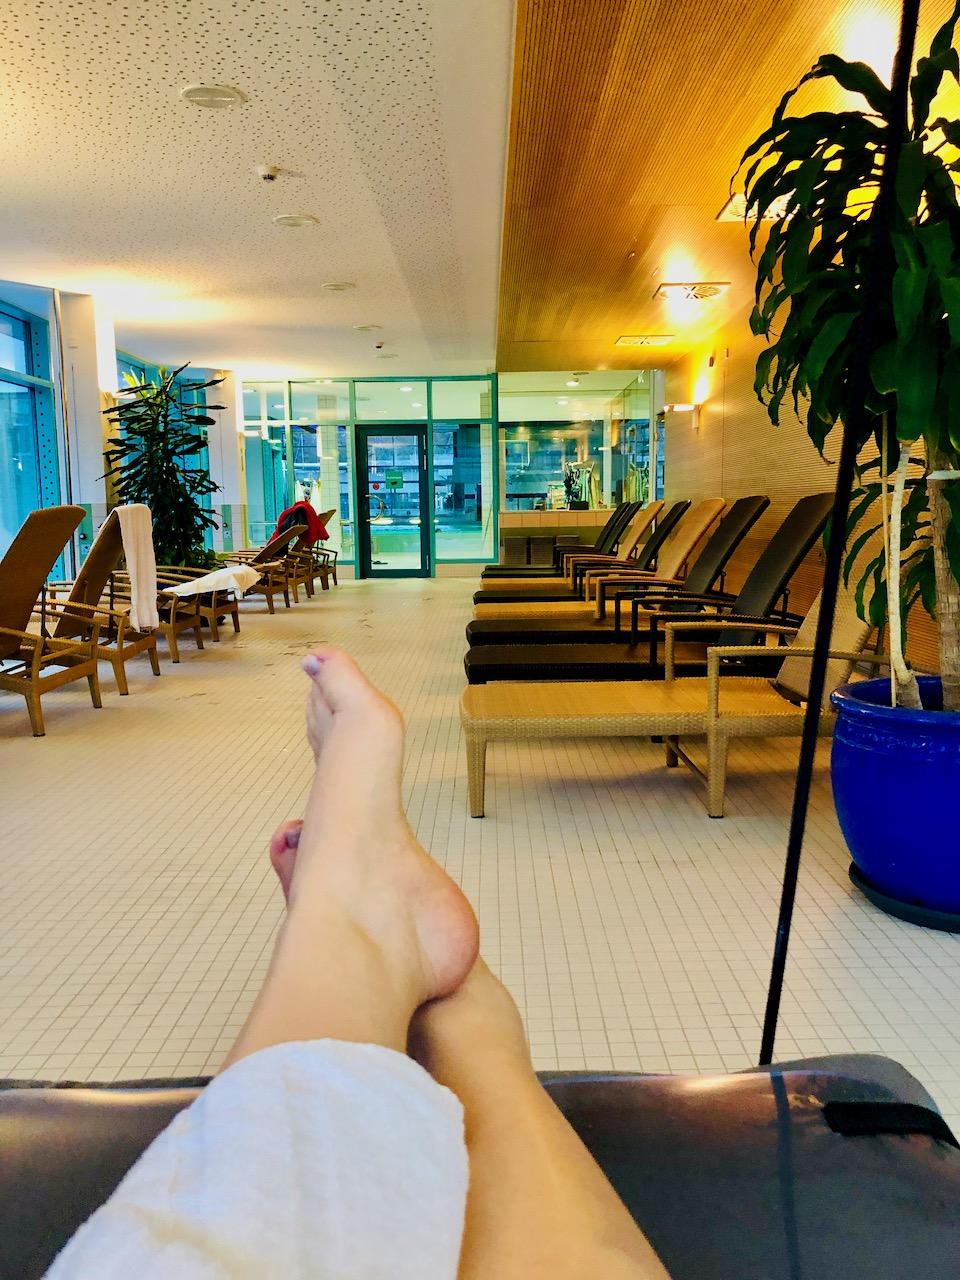 Bilder Therme Bad Bevensen Entspannt chillen nach der Massage